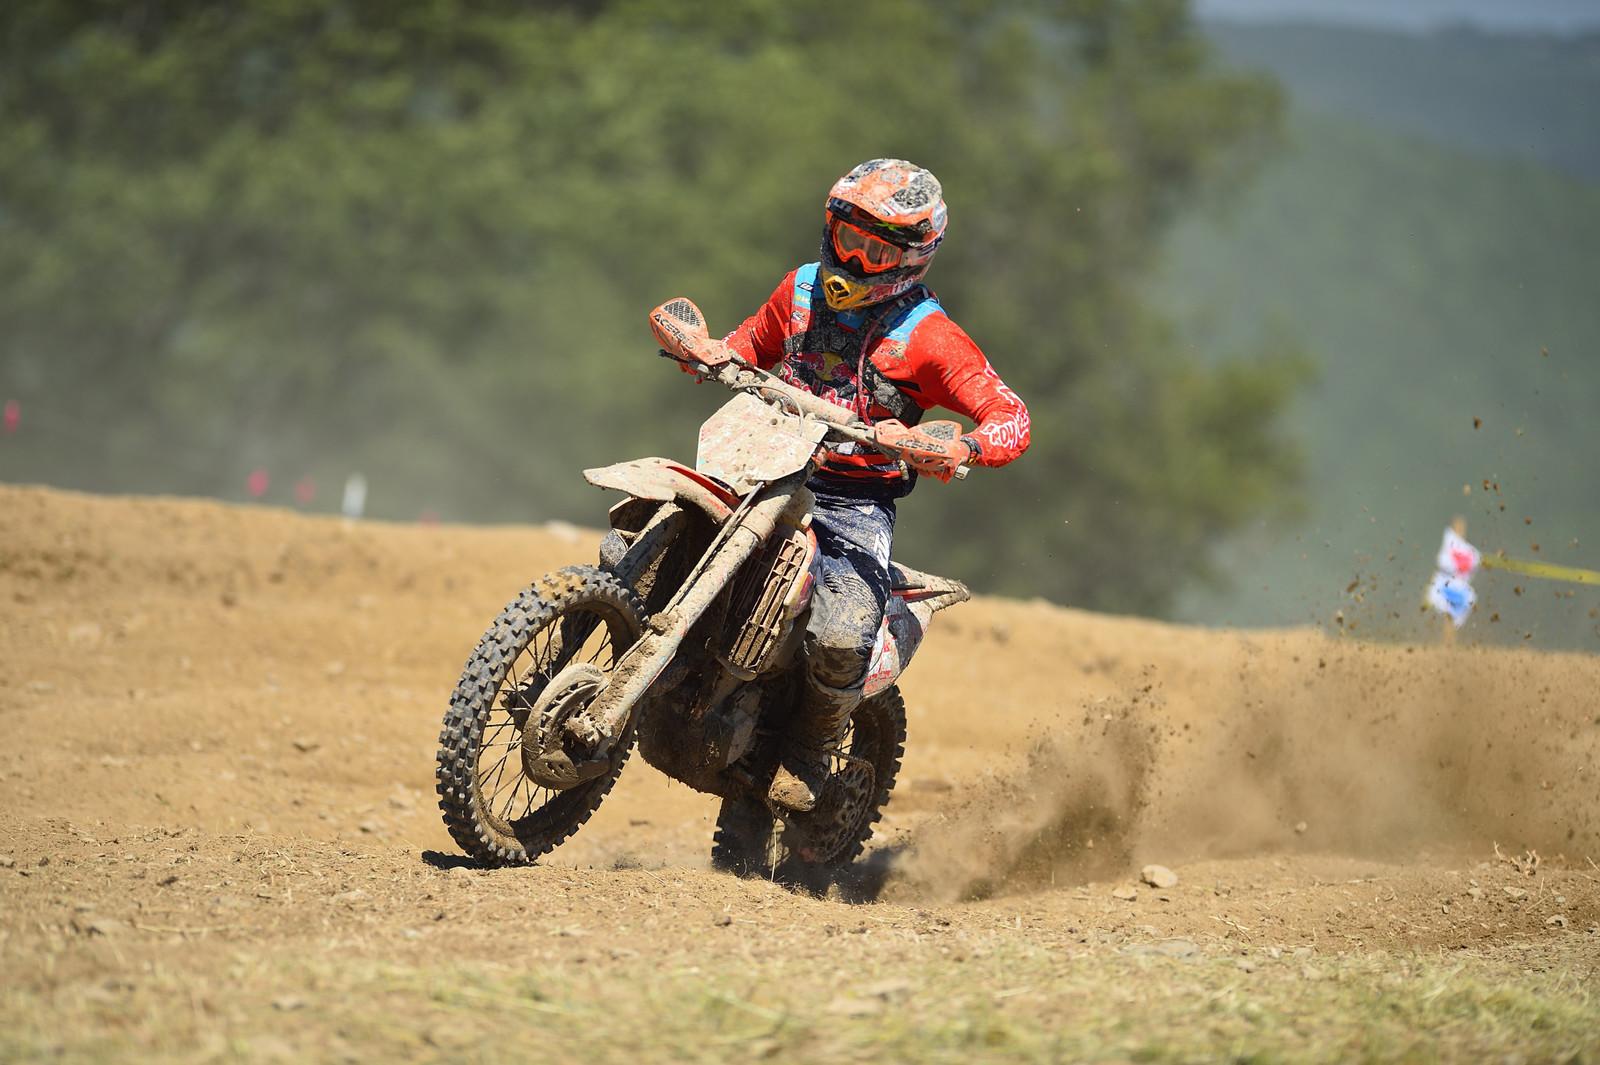 Russell Bobbitt - Tomahawk GNCC - Motocross Pictures - Vital MX